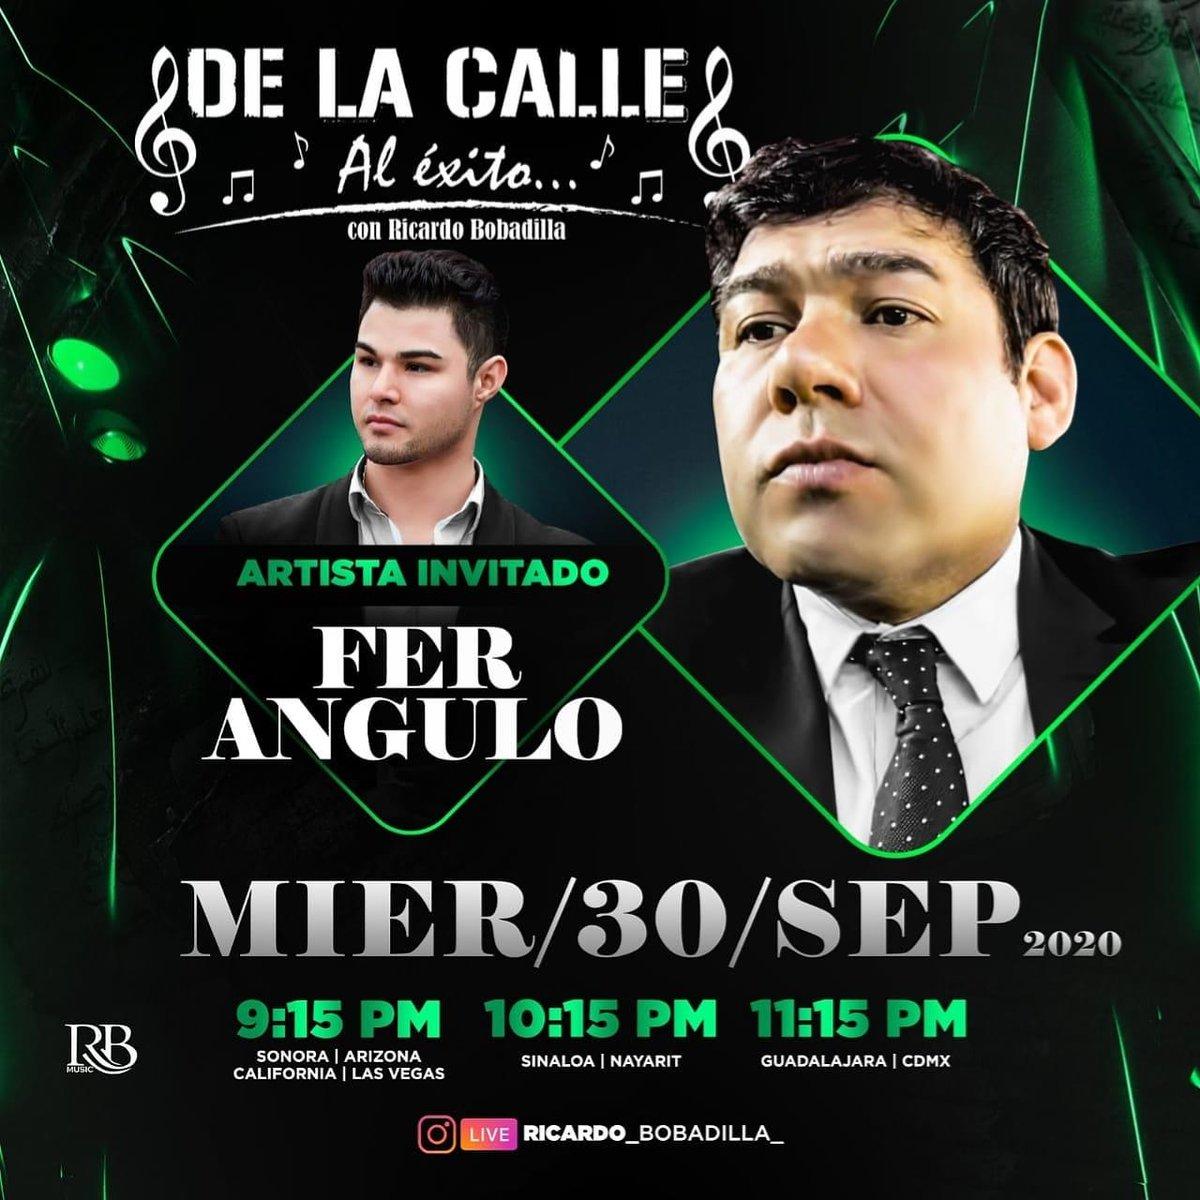 Hoy Miércoles 30 De septiembre en nuestro segmento #DeLaCalleAlExito Tendremos de invitado a @feranguloo  No se lo pueden perder por Instagram live 📲 @RioNiloMalecon 11:15 pm hora Mexico 🤩 https://t.co/kmoREZfCAY